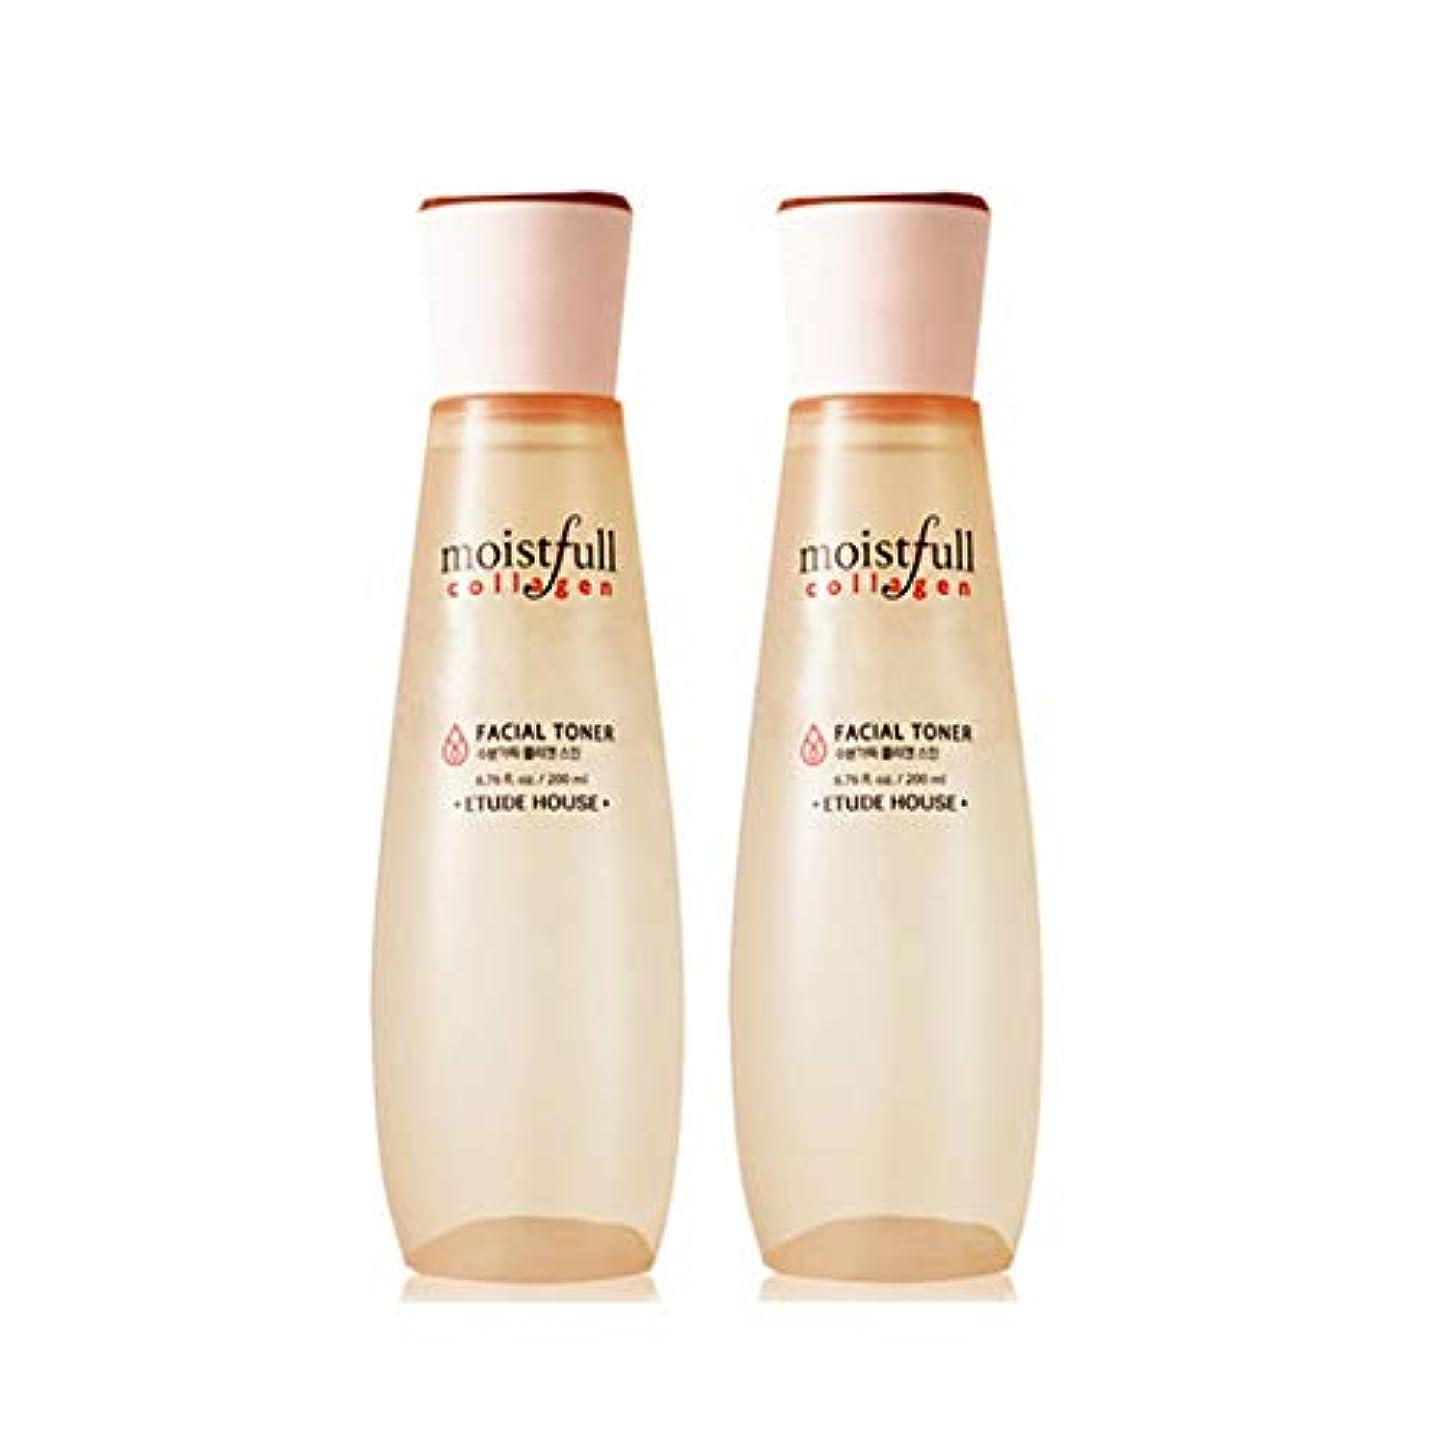 アシストディンカルビル呼吸エチュードハウス水分いっぱいコラーゲンスキン200ml x 2本セット韓国コスメ、Etude House Moistfull Collagen Skin 200ml x 2ea Set Korean Cosmetics...